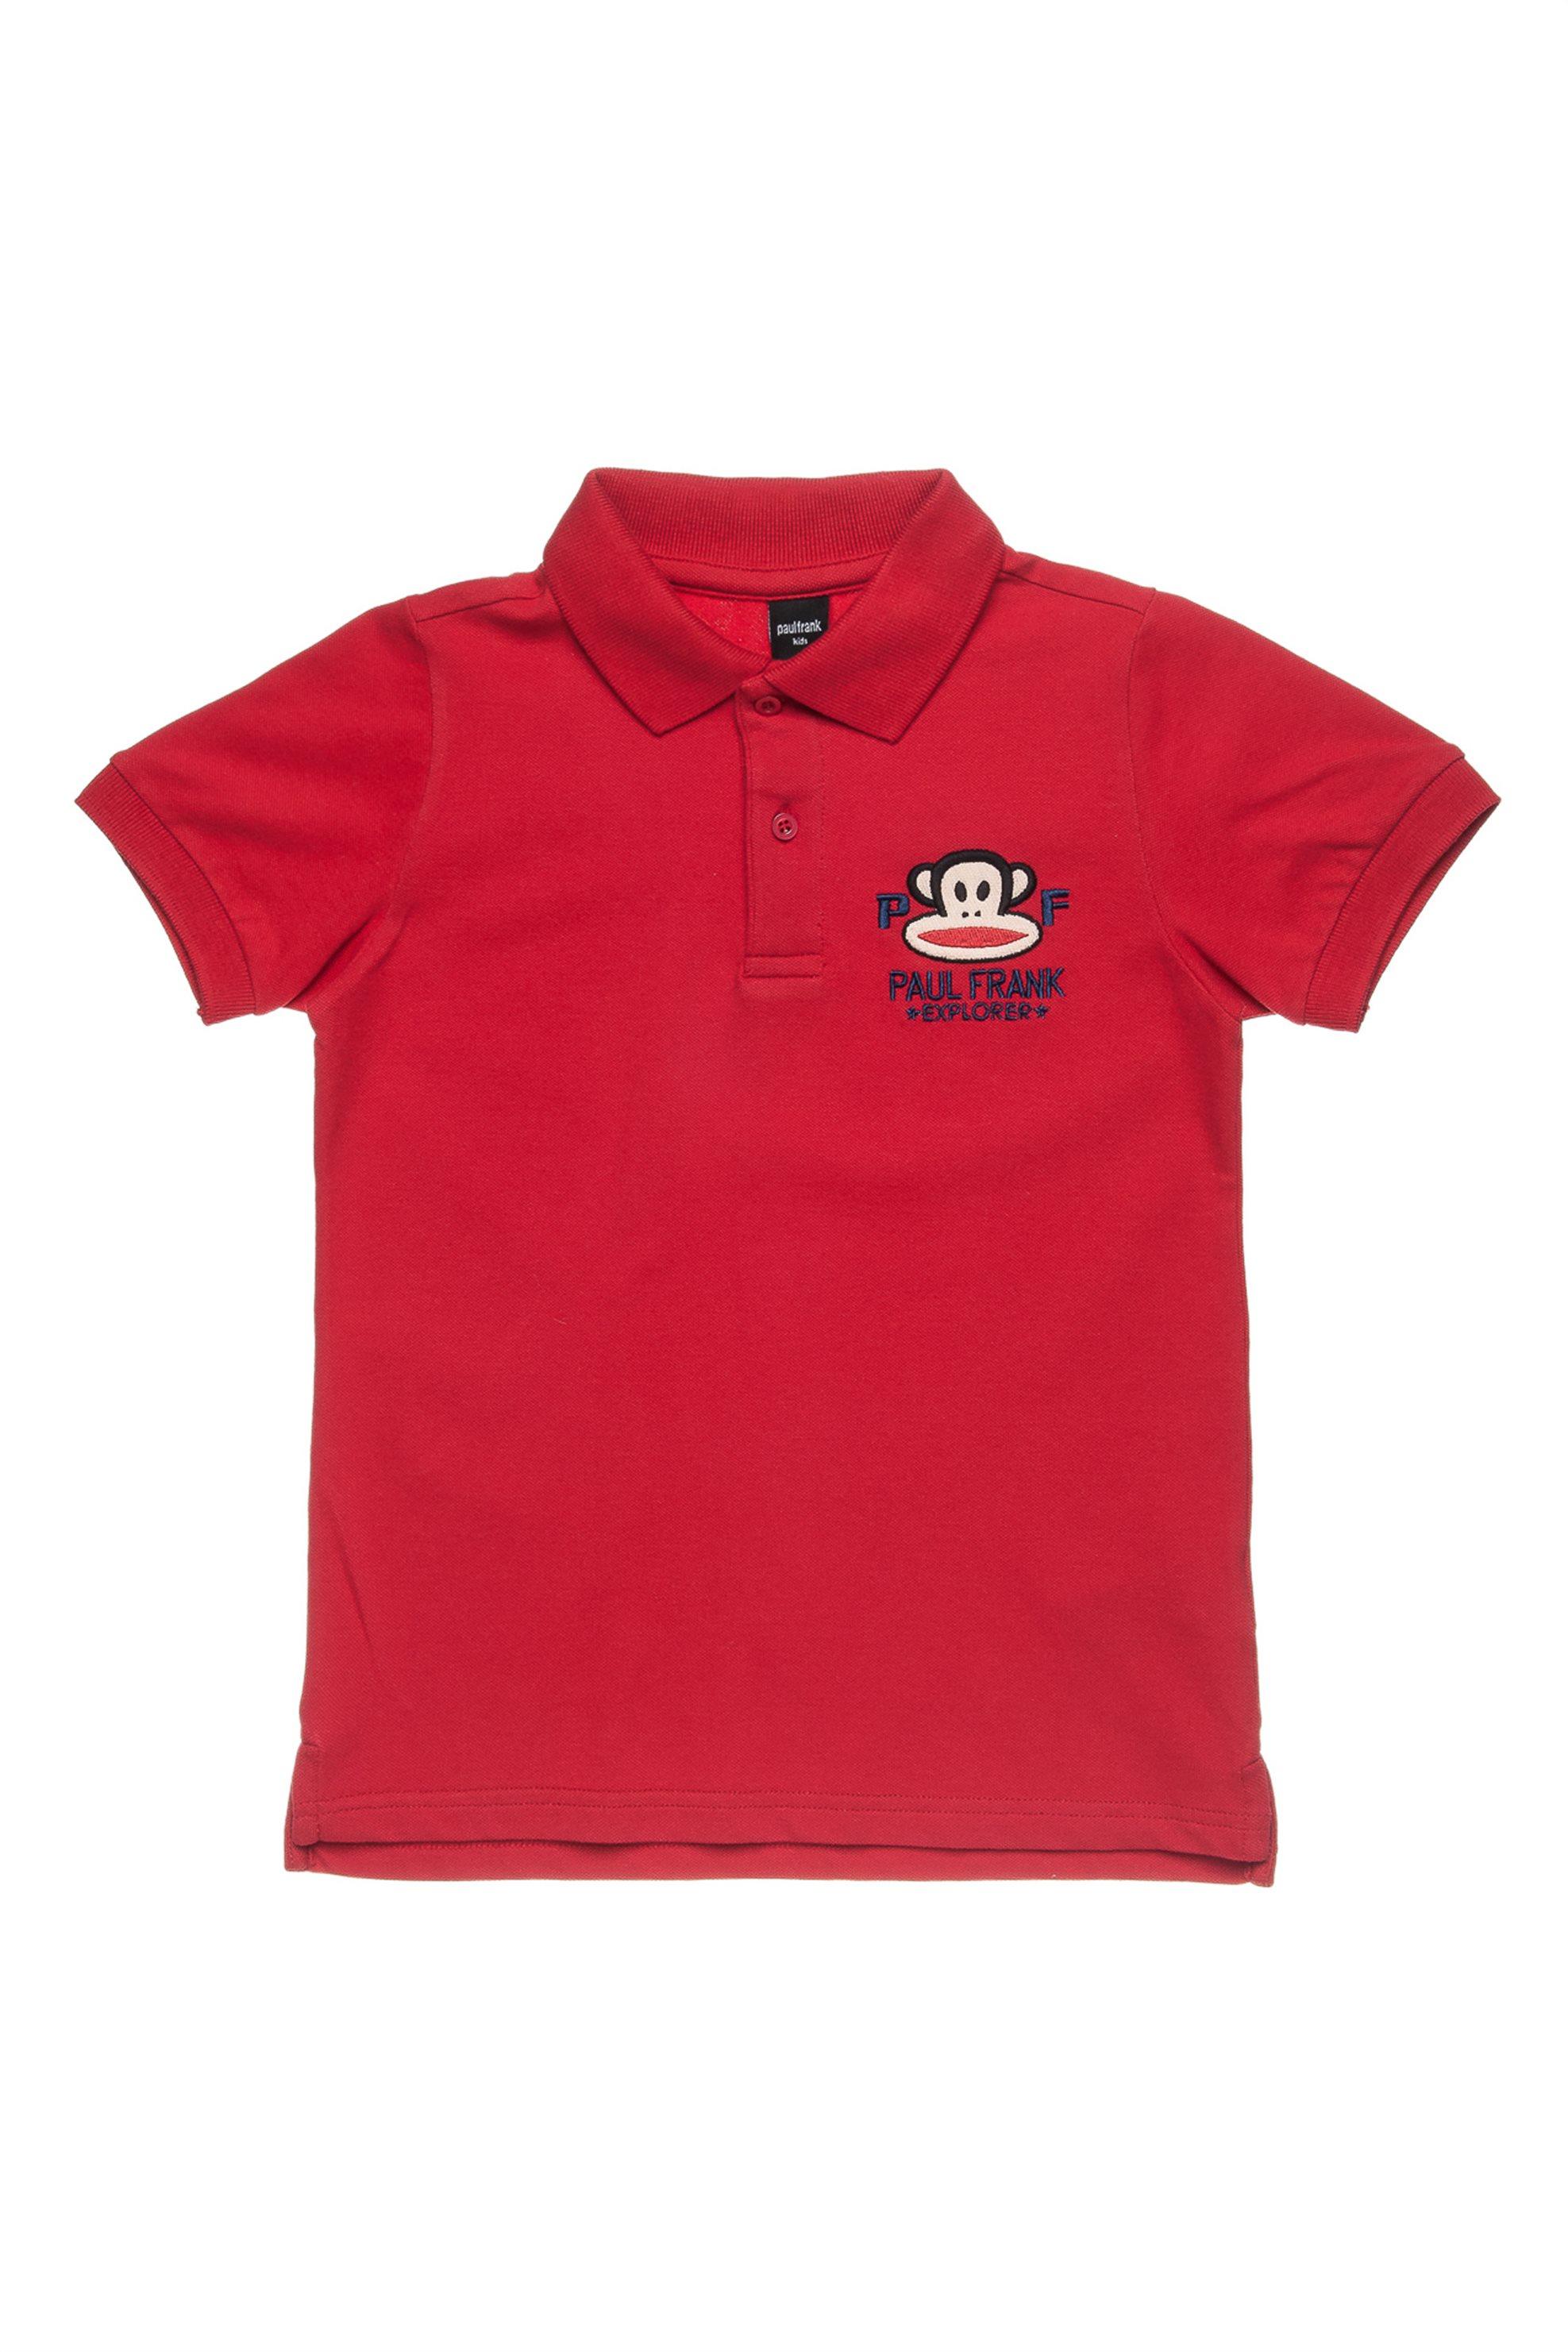 Παιδική μπλούζα polo (6-14 ετών) Paul Frank Collection - 00151647 - Κόκκινο παιδι   αγορι   4 14 ετων   μπλουζάκια   παντελόνια   μπλουζάκια   πόλο   μπλούζ